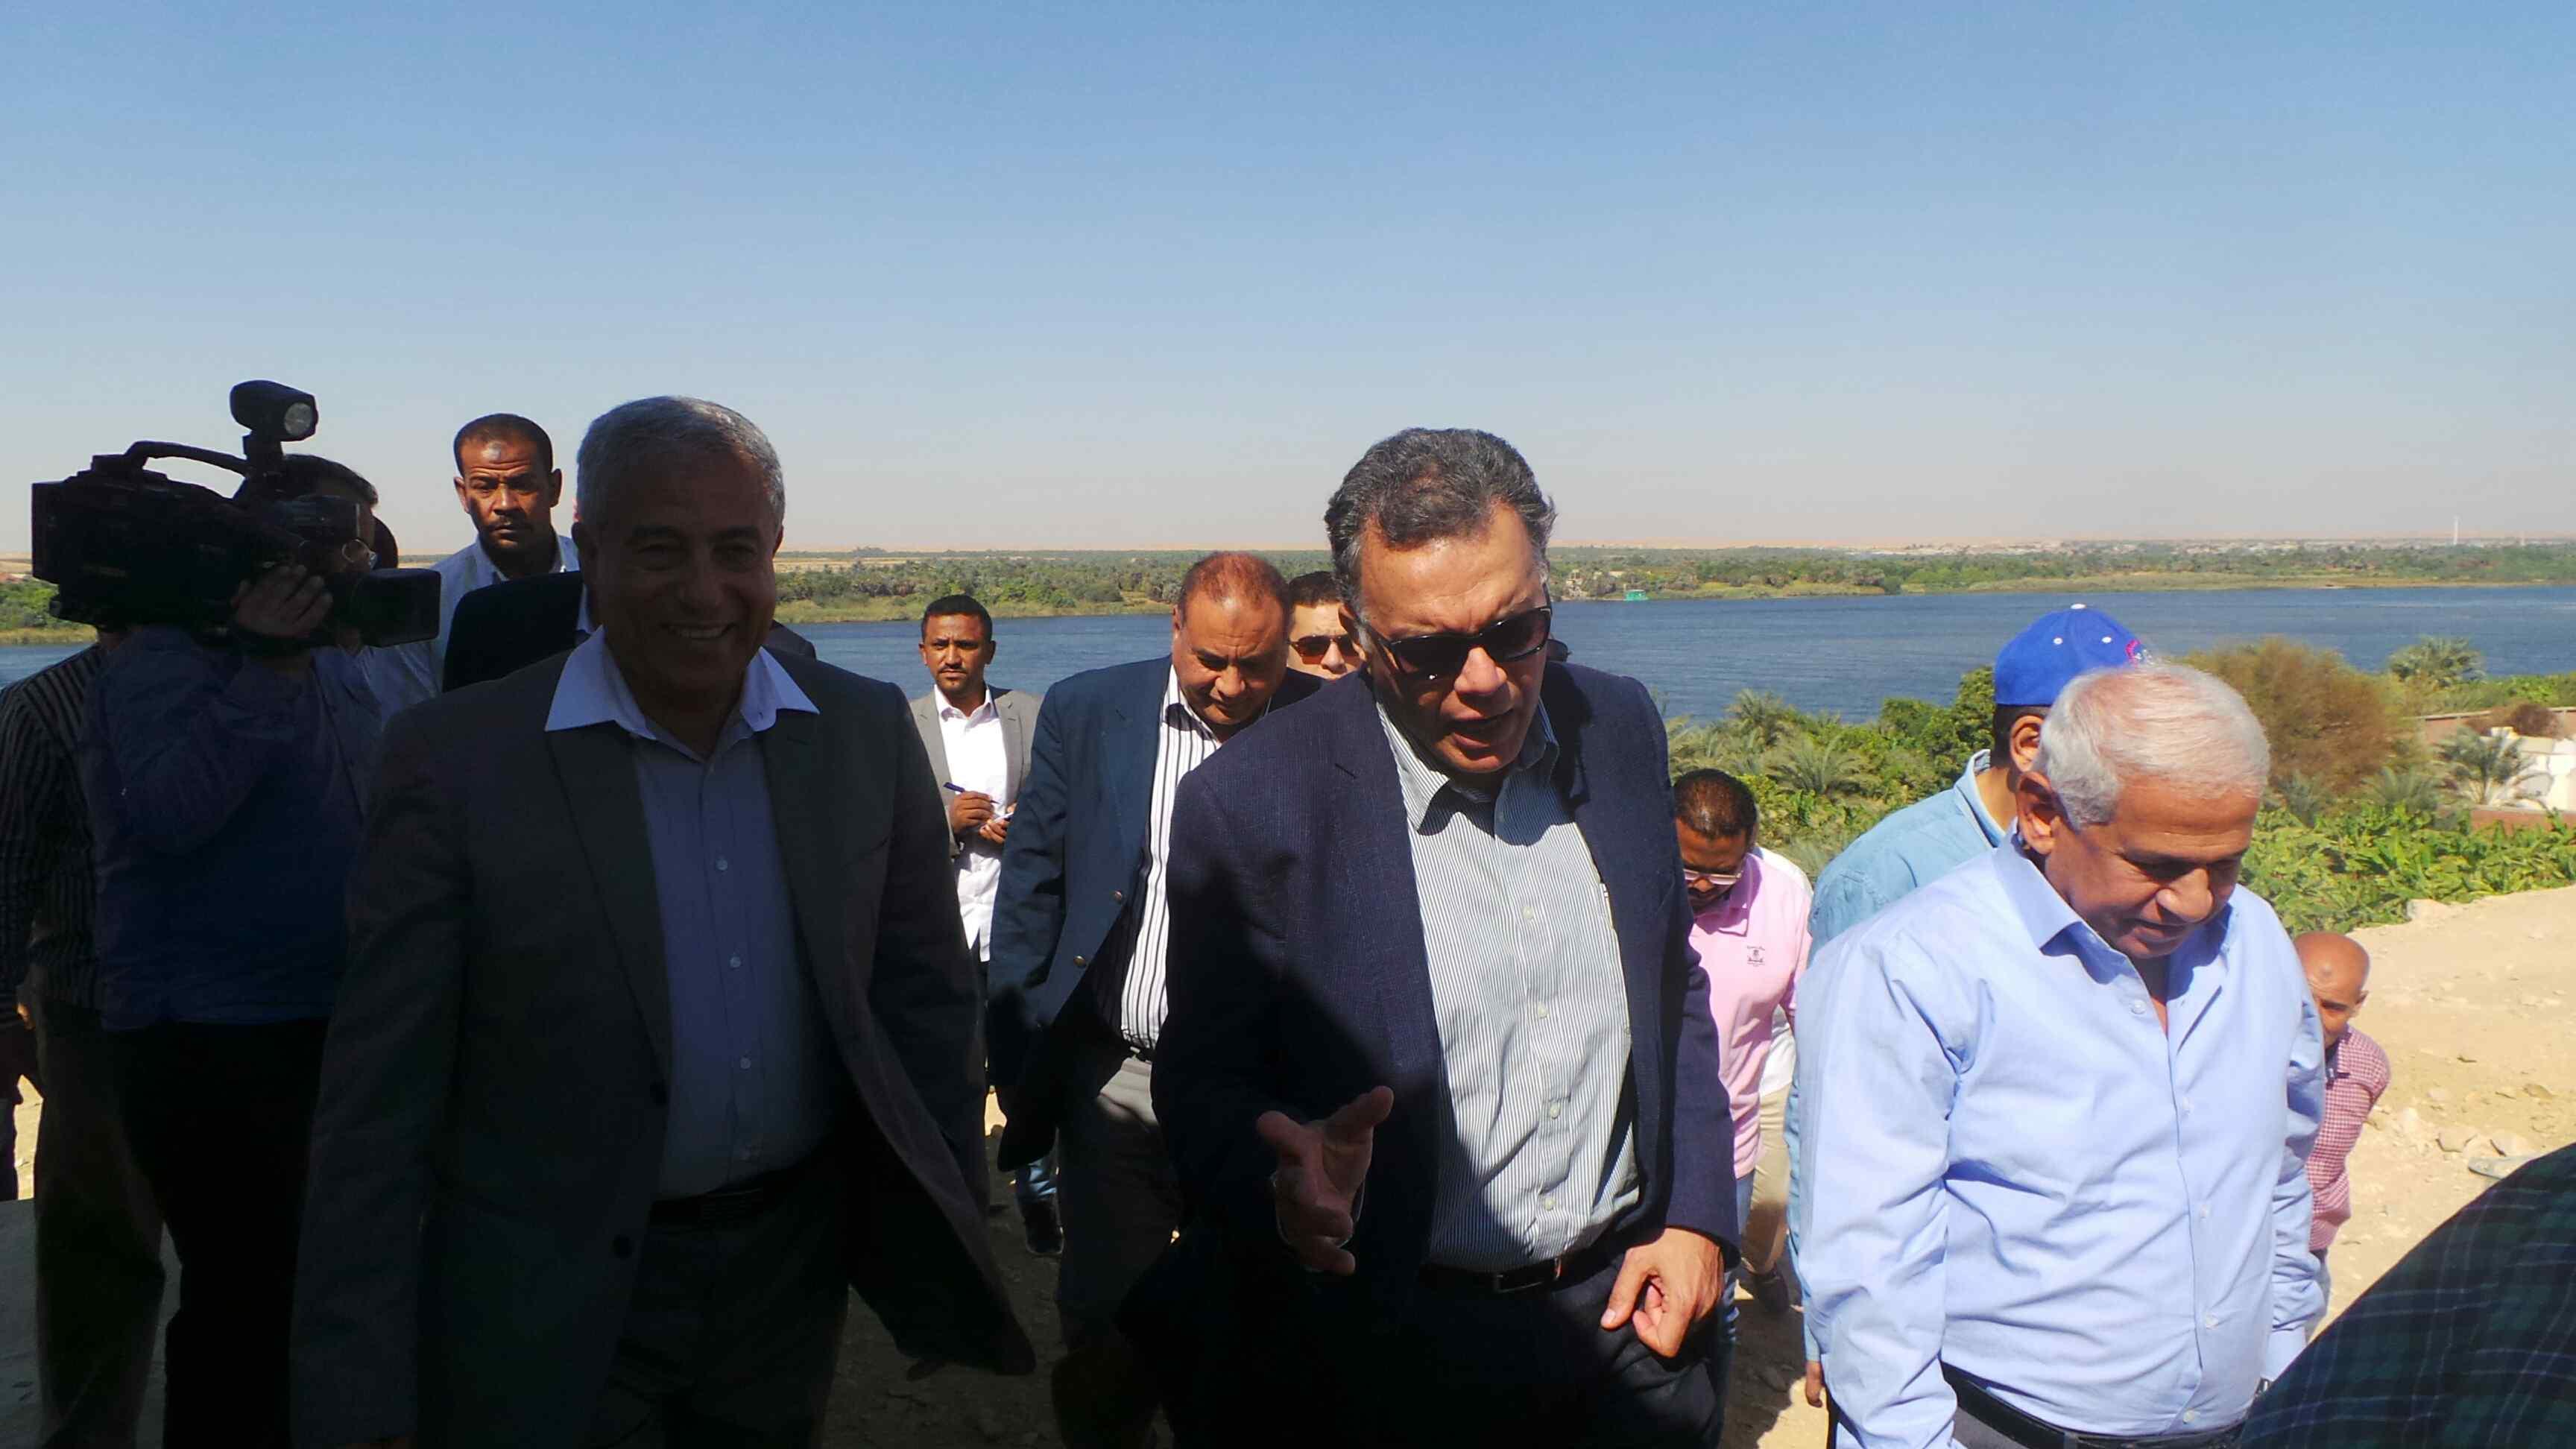 وزير النقل يتفقد مشروع كوبرى كلابشه فى أسوان (7)